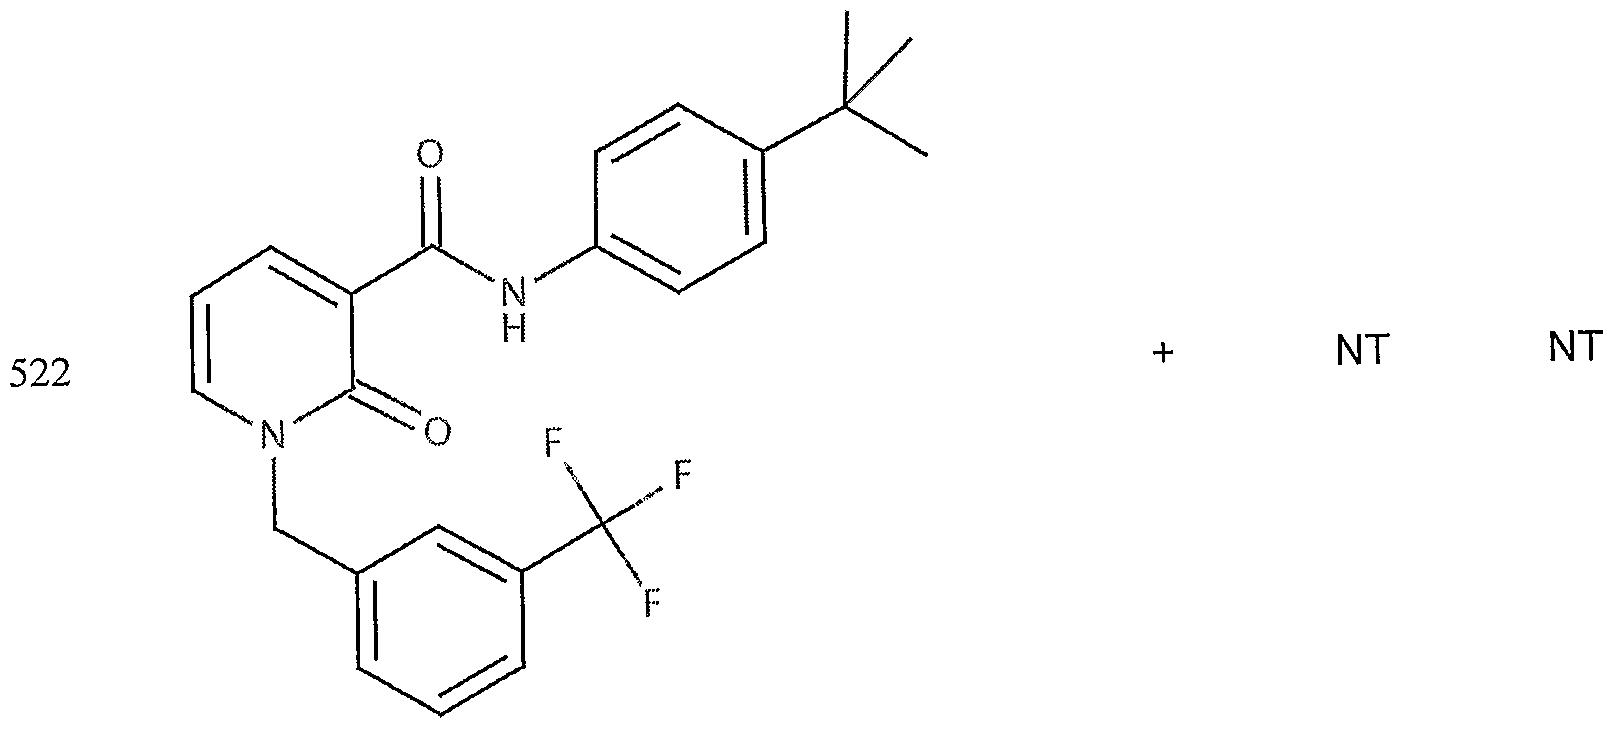 Figure imgf000204_0003